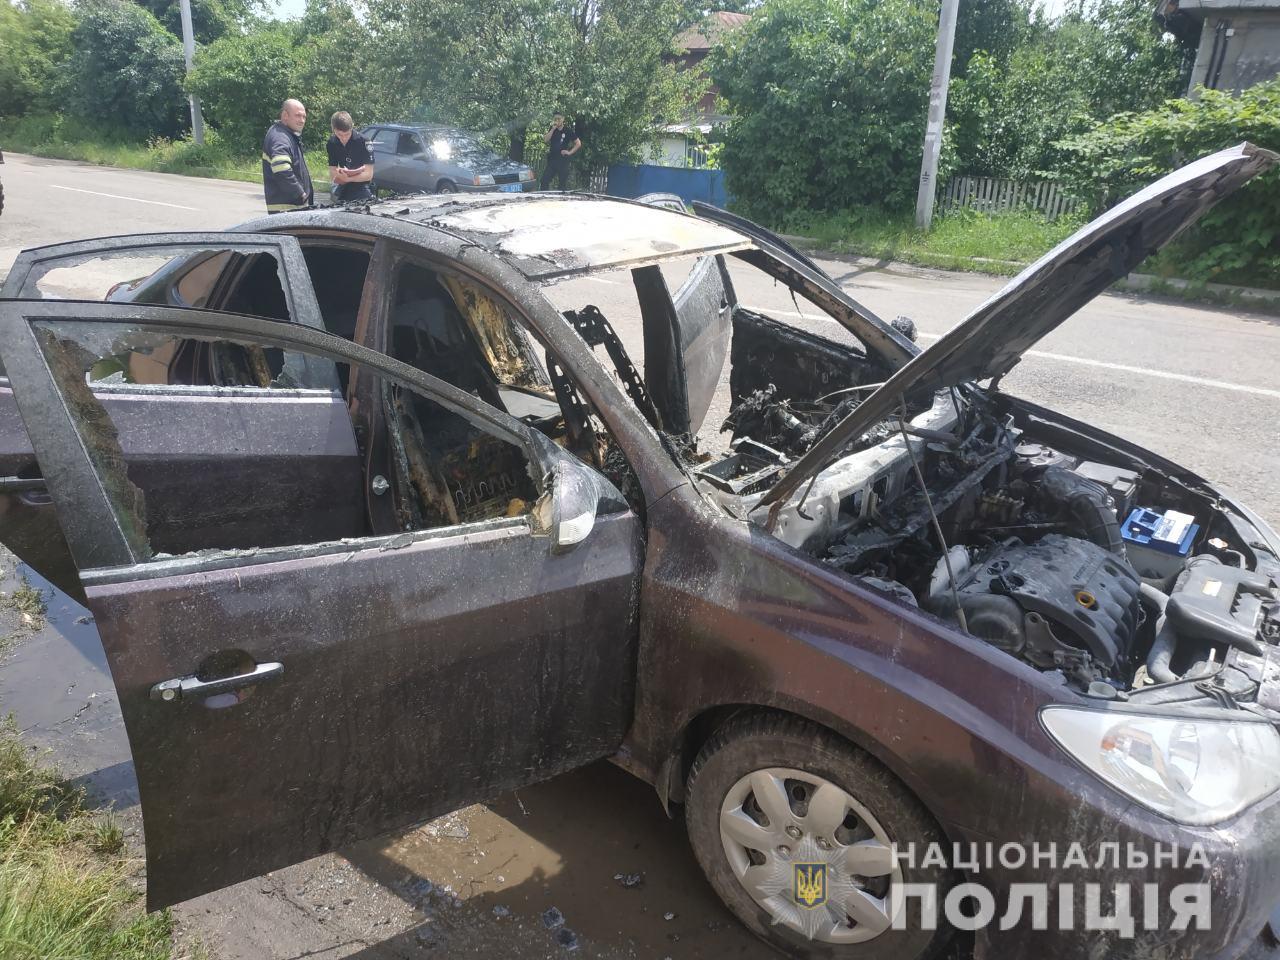 Под Киевом мужчина неудачно рискнул жизнью своего ребенка